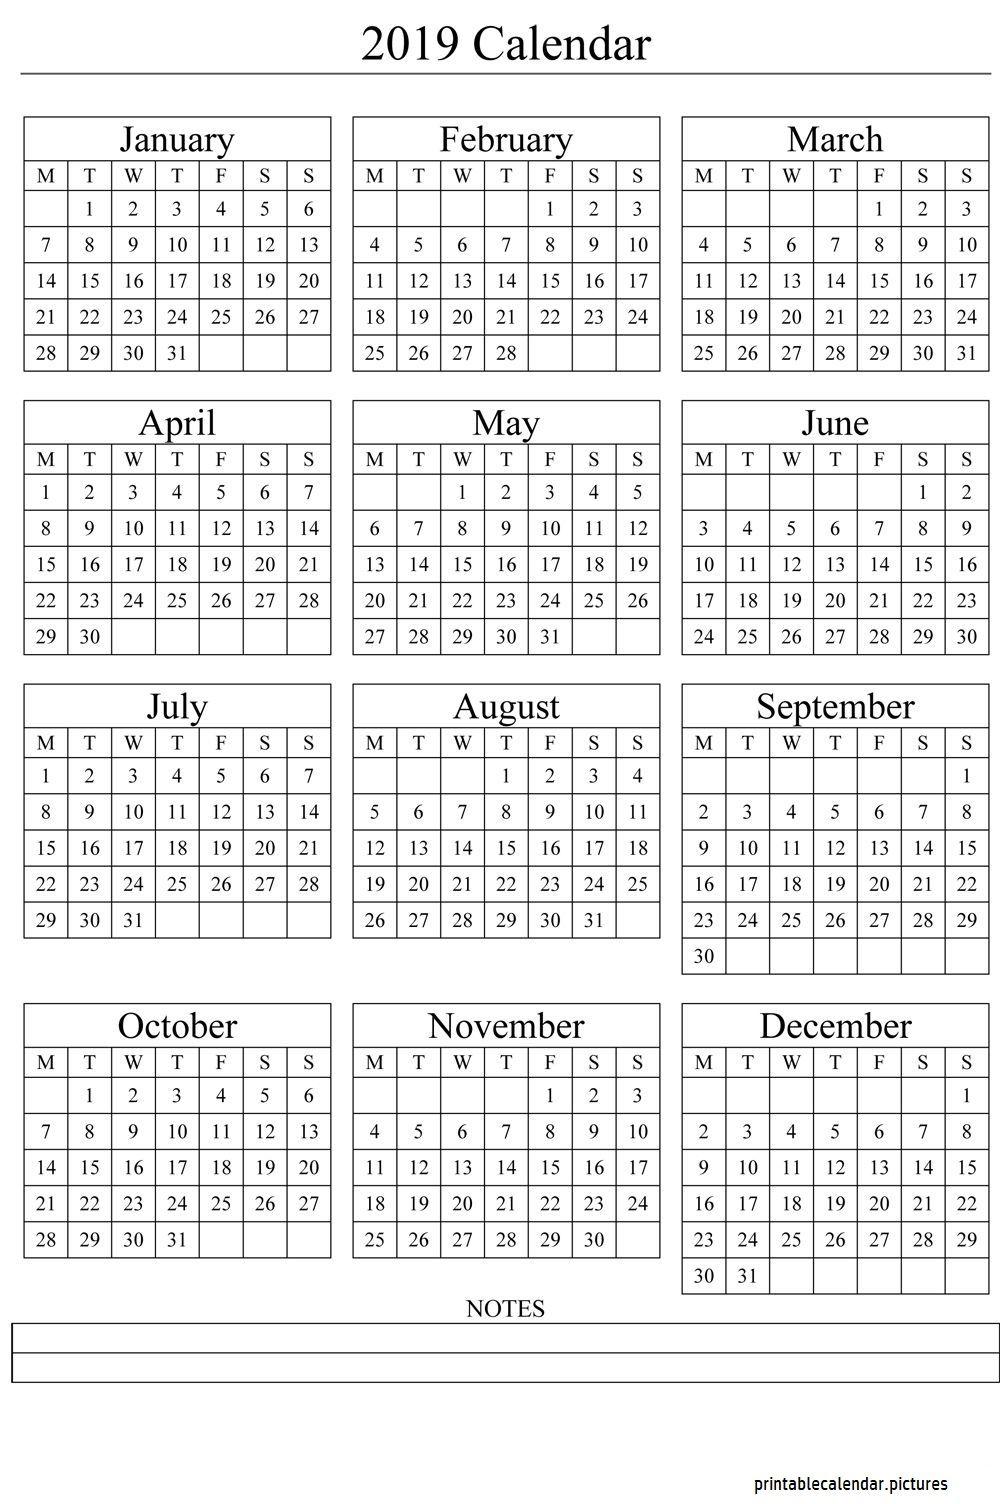 Calendar Template 2019 Calendar Template 2019 Pinterest